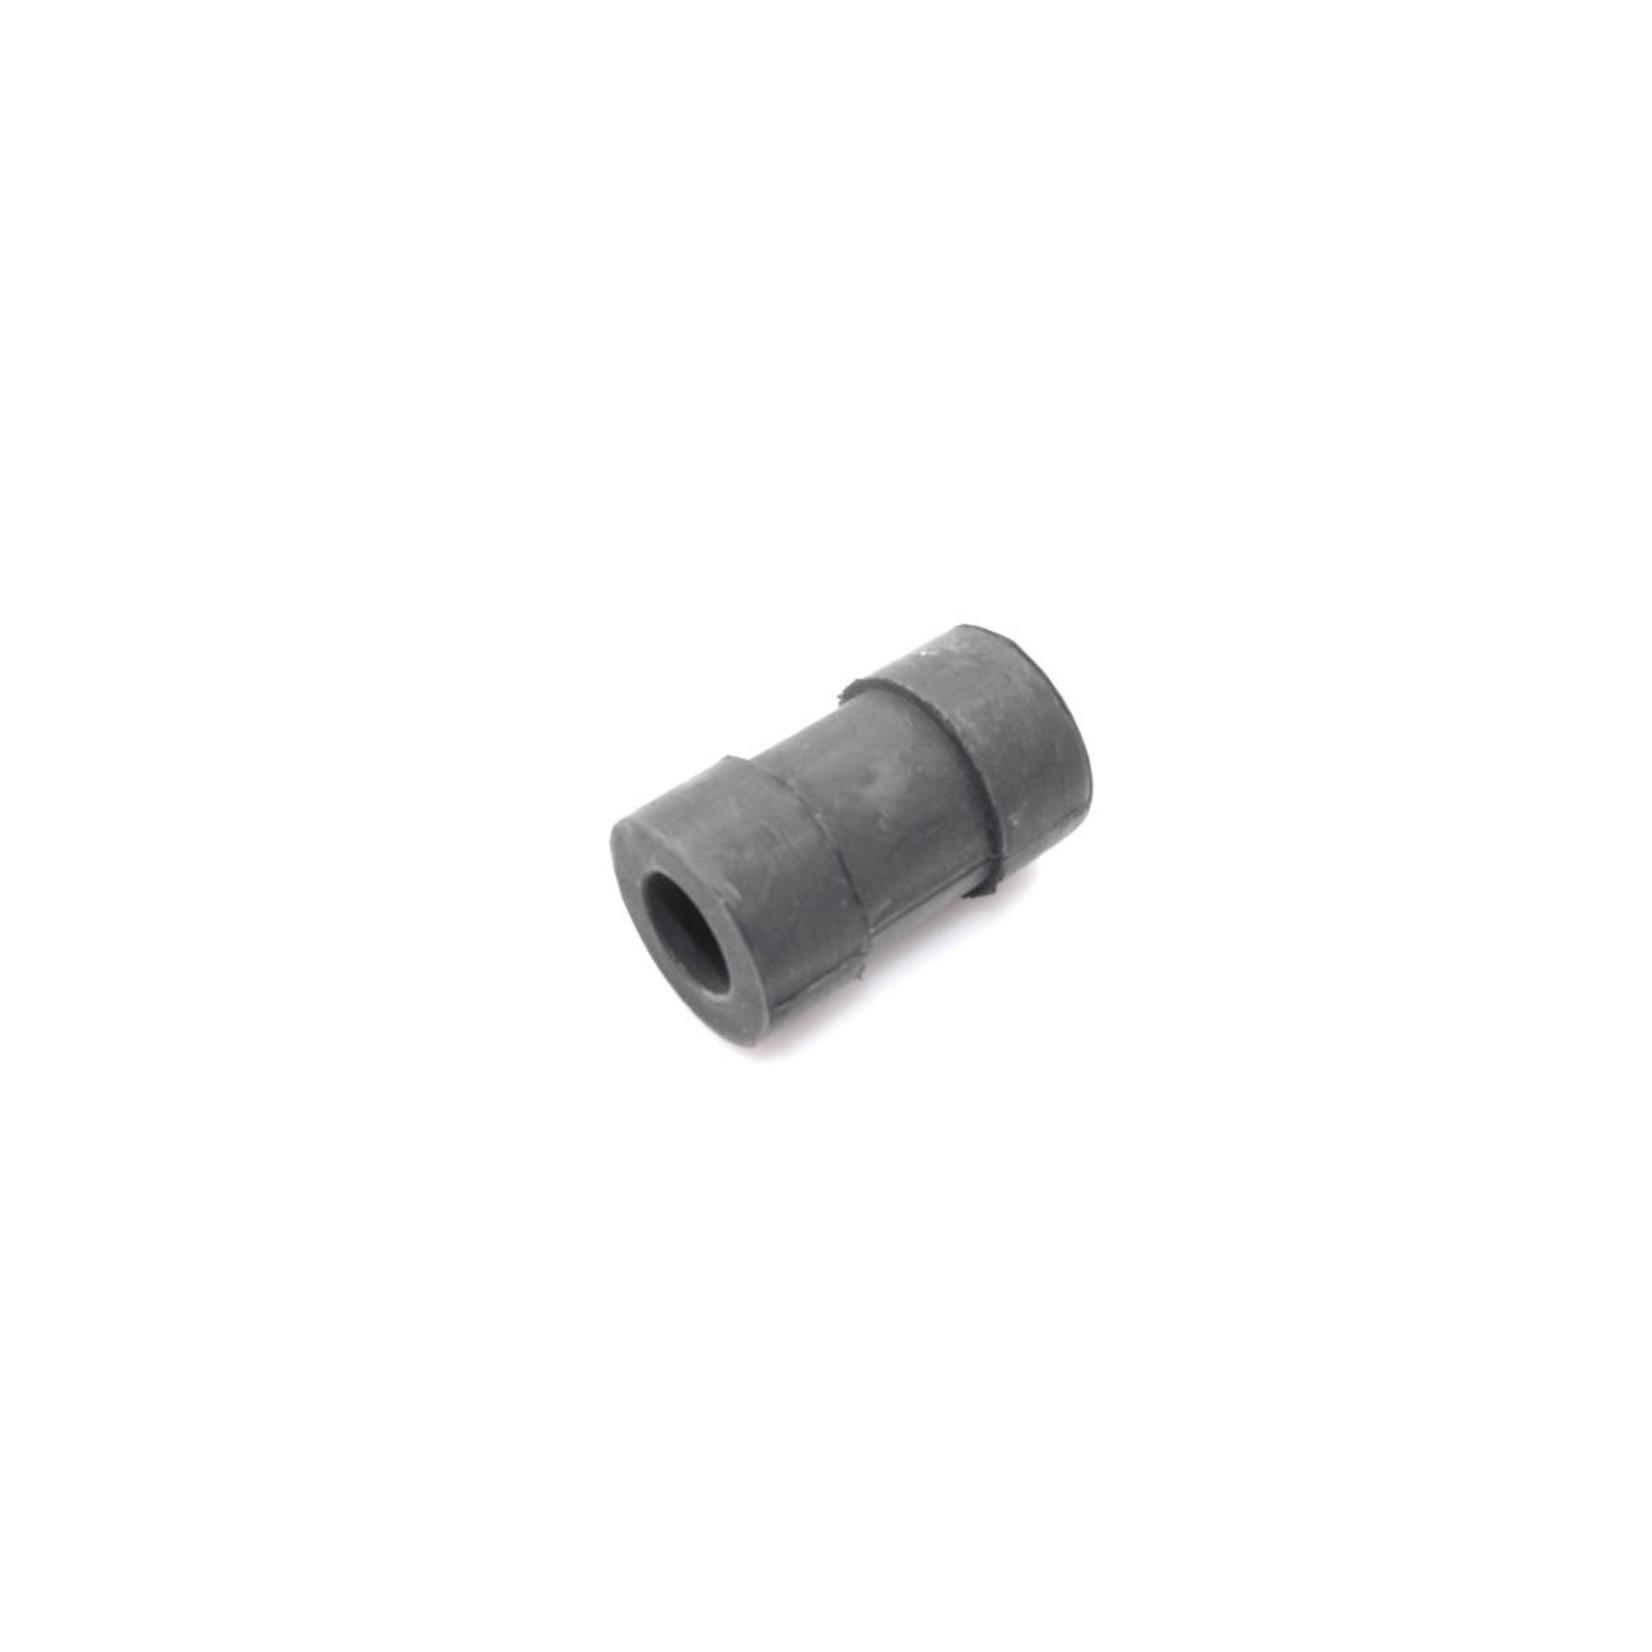 Caucho suplemento deposito 47mm Nr Org: DM17554